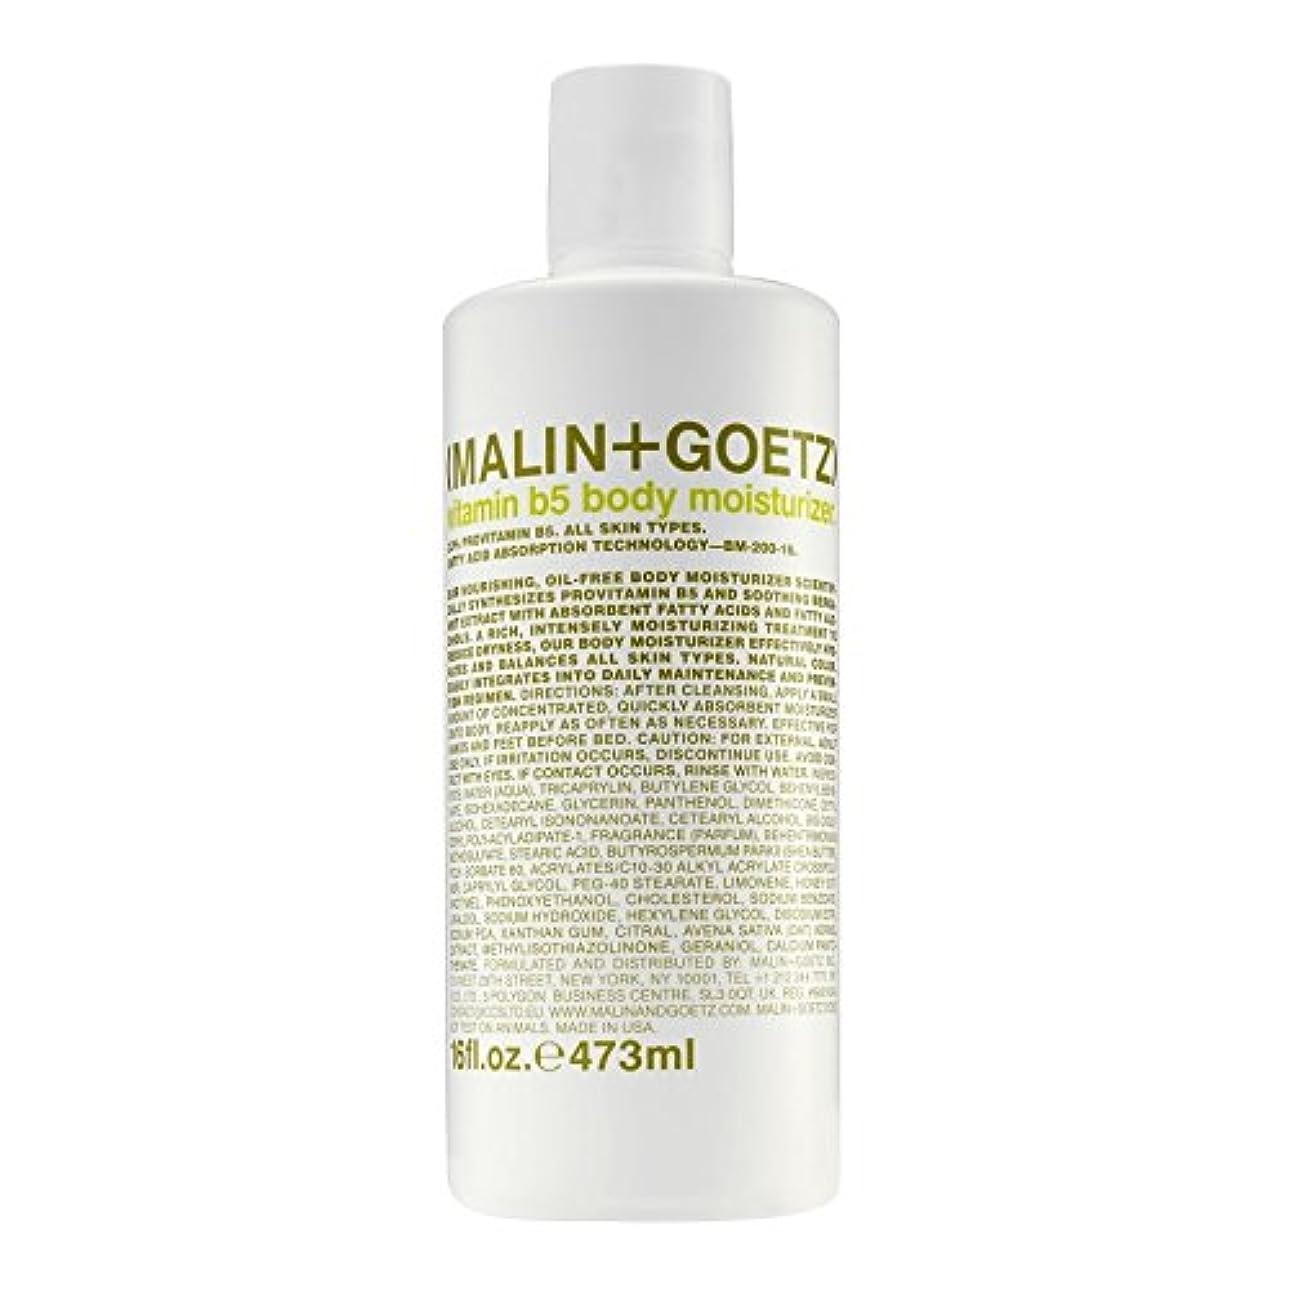 無条件サンダル承知しましたMALIN+GOETZ Vitamin B5 Body Moisturiser 473ml - マリン+ゲッツビタミン5ボディモイスチャライザーの473ミリリットル [並行輸入品]